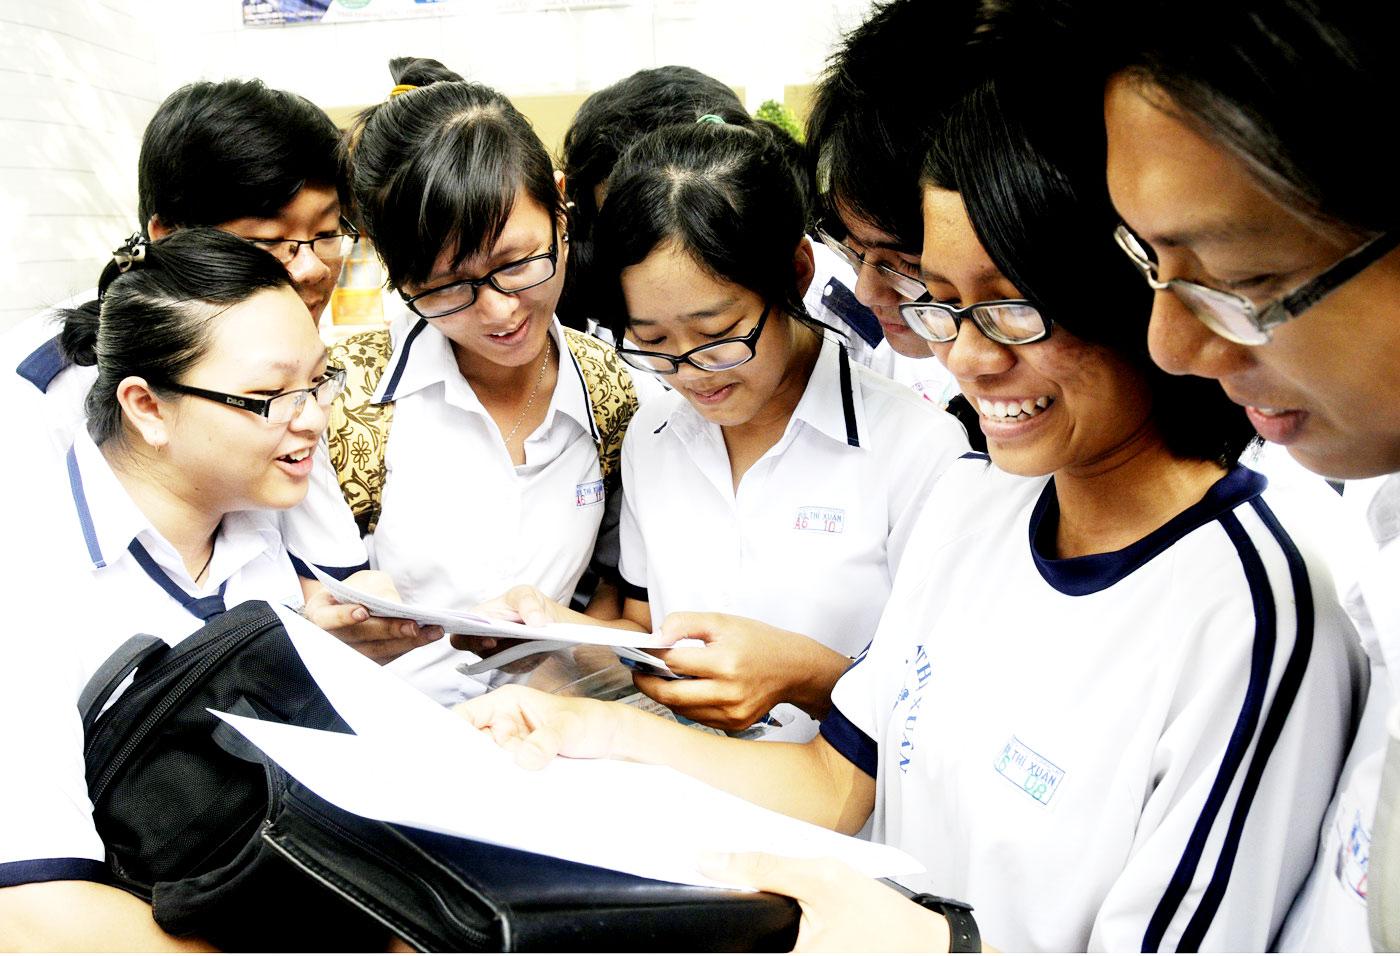 Điểm chuẩn đại học năm 2014 Học viện báo chí và Tuyên truyền sẽ sớm được công bố